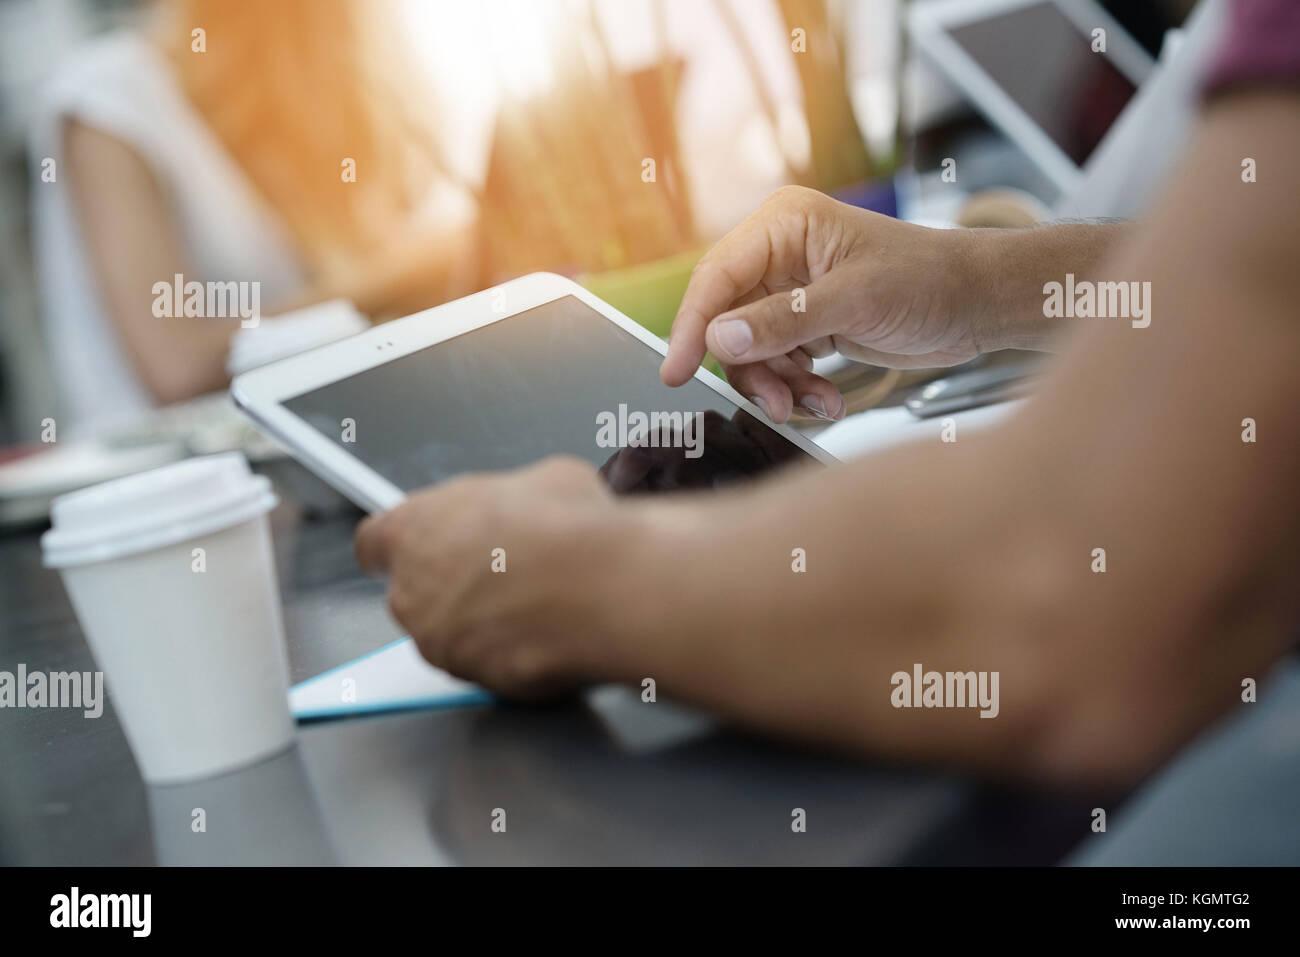 Nahaufnahme der digitalen tablet Bildschirm Stockbild